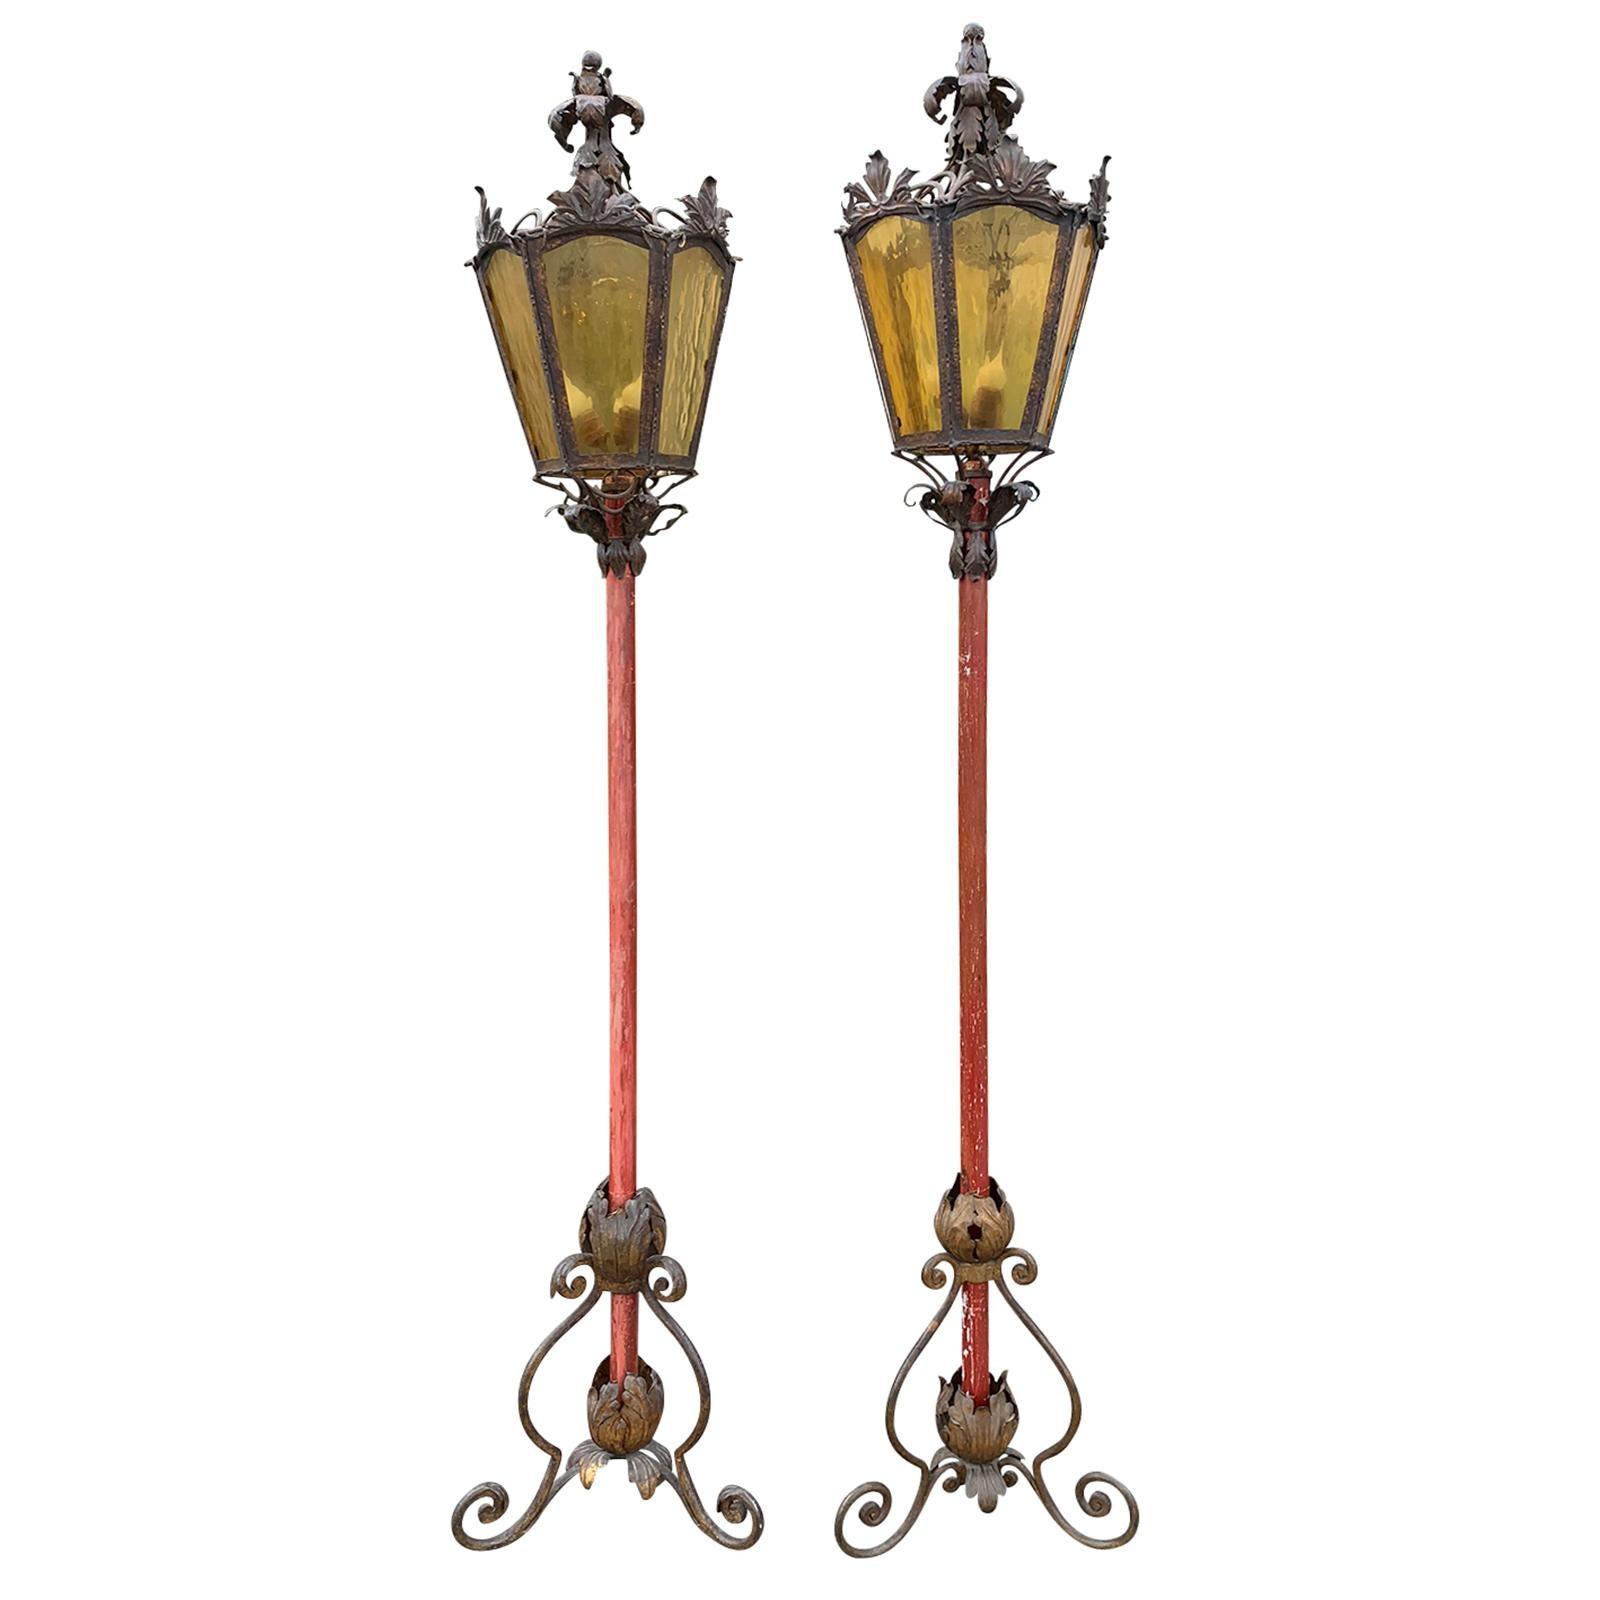 Pair of 19th Century Italian Lanterns on Wooden Pole, Beautiful Bases